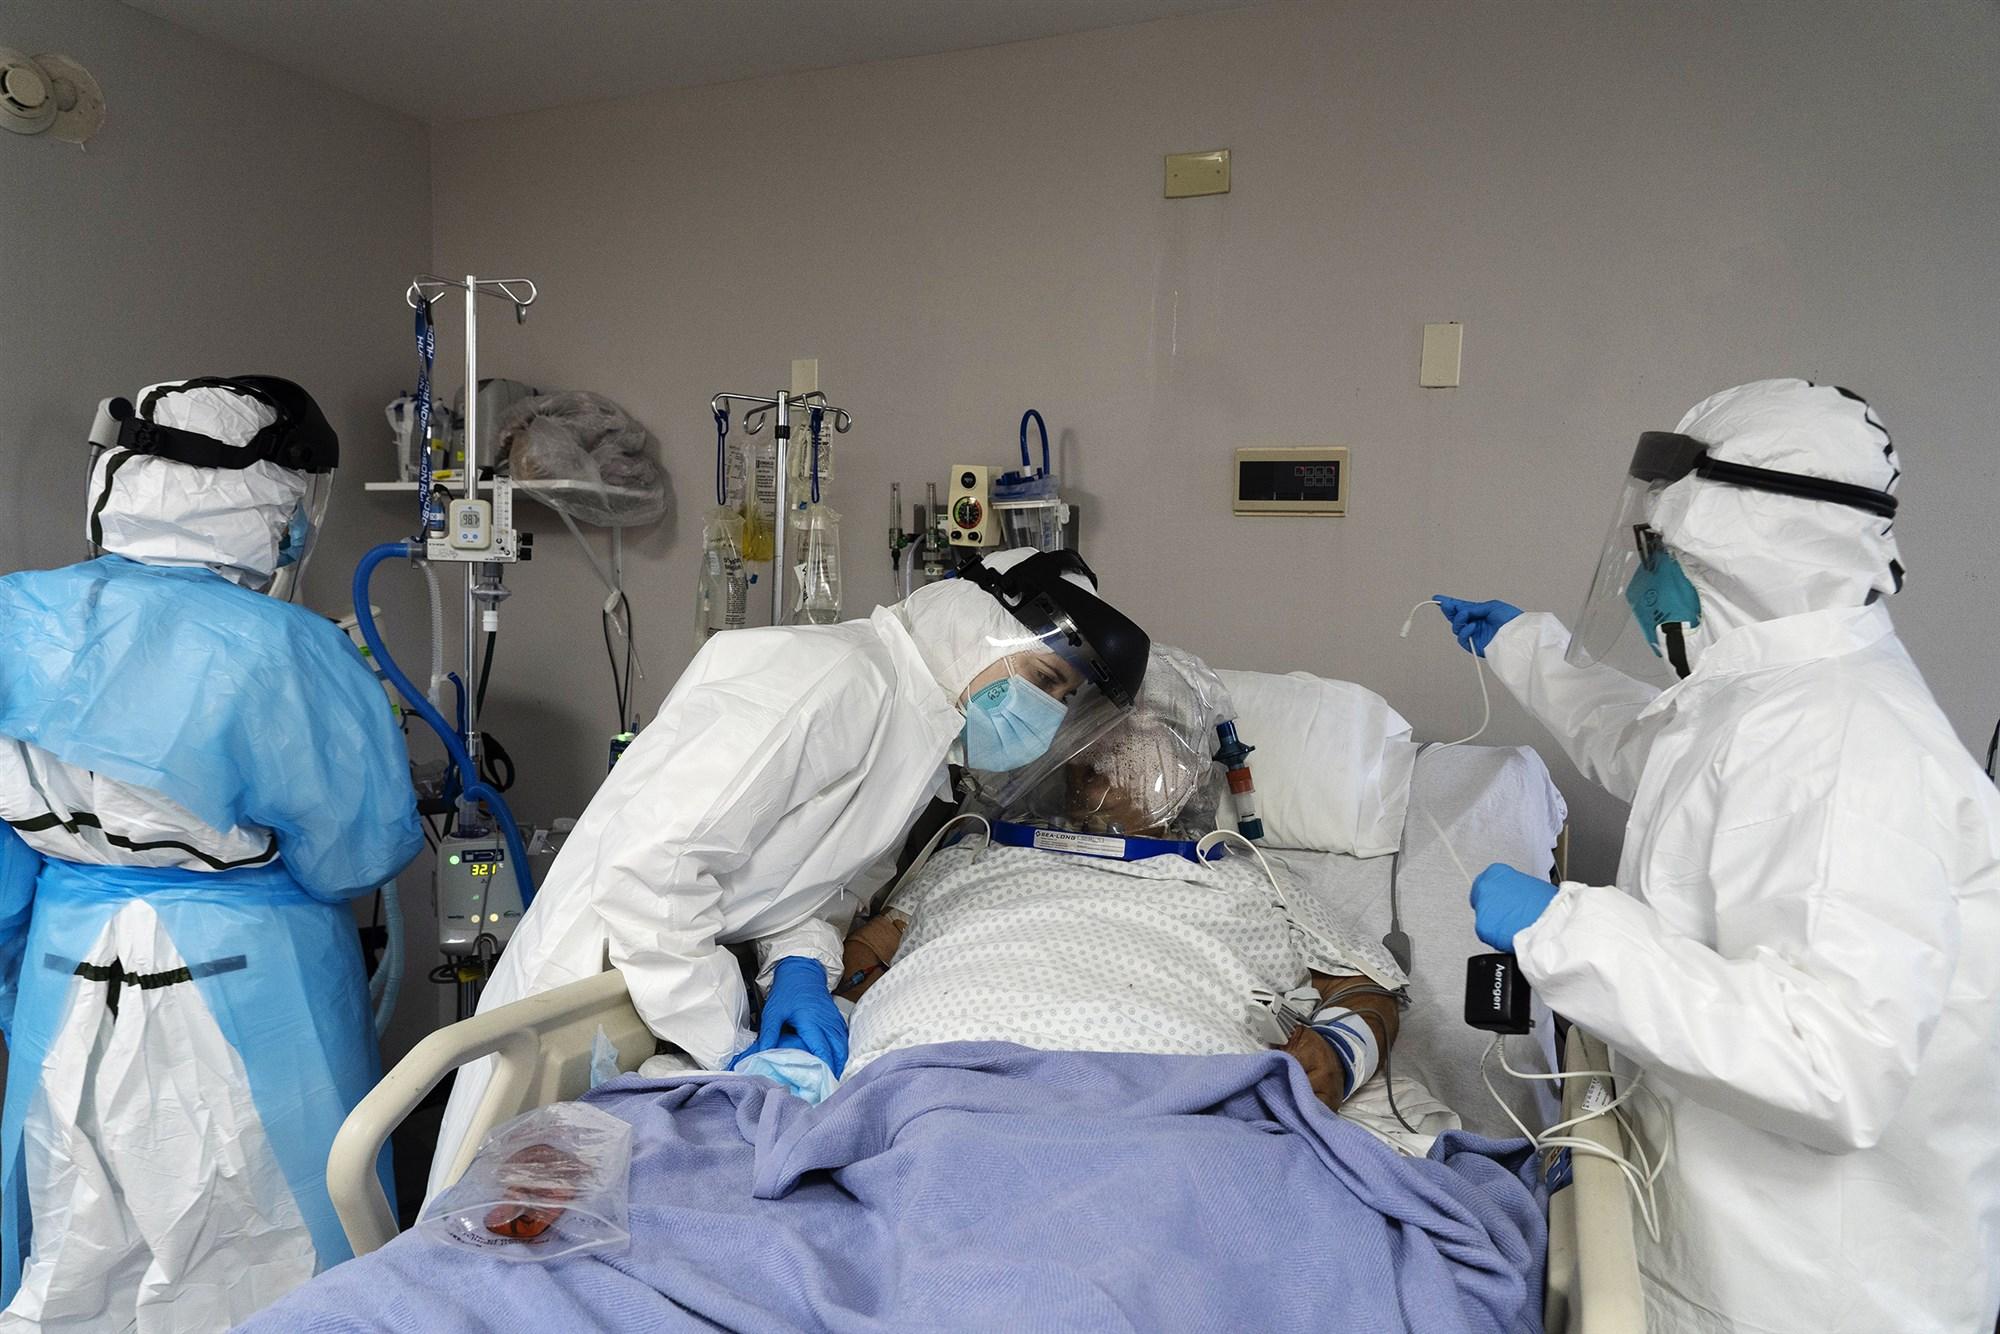 美联储高官呼吁更严封锁 否则可能会有更多死亡病例